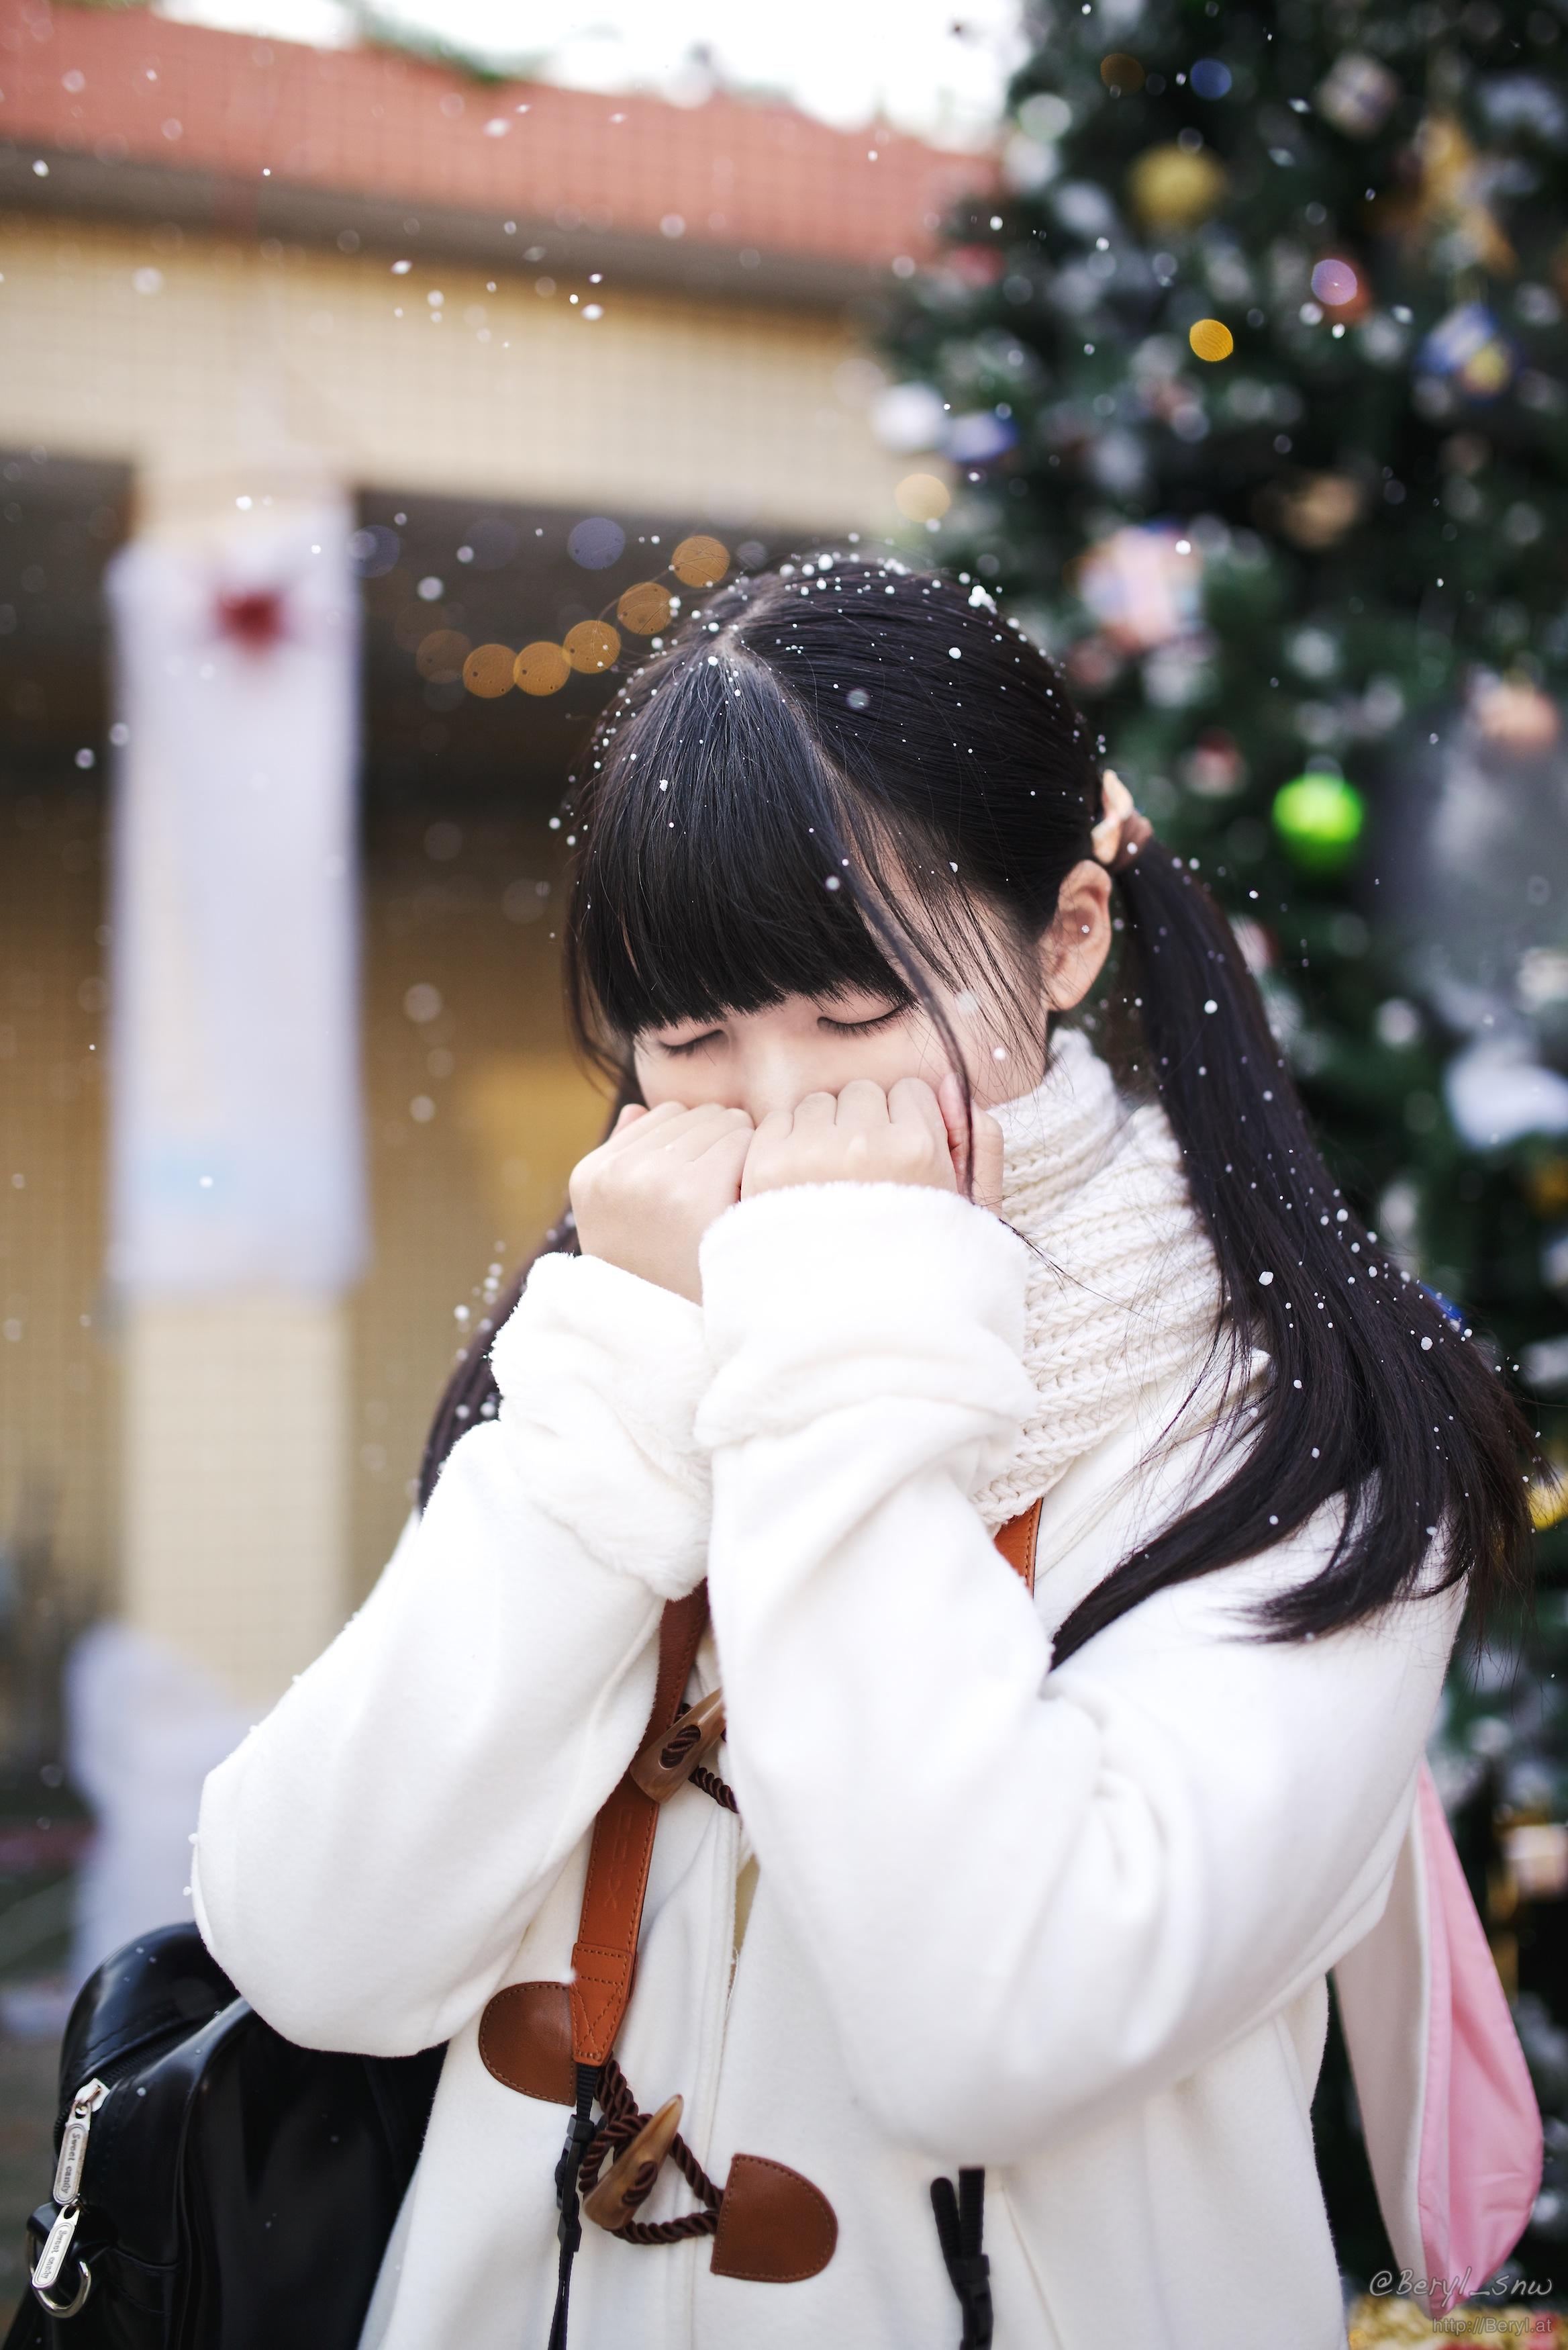 Kostenlose foto : Baum, Schnee, Winter, Mädchen, Frau, Weiß ...